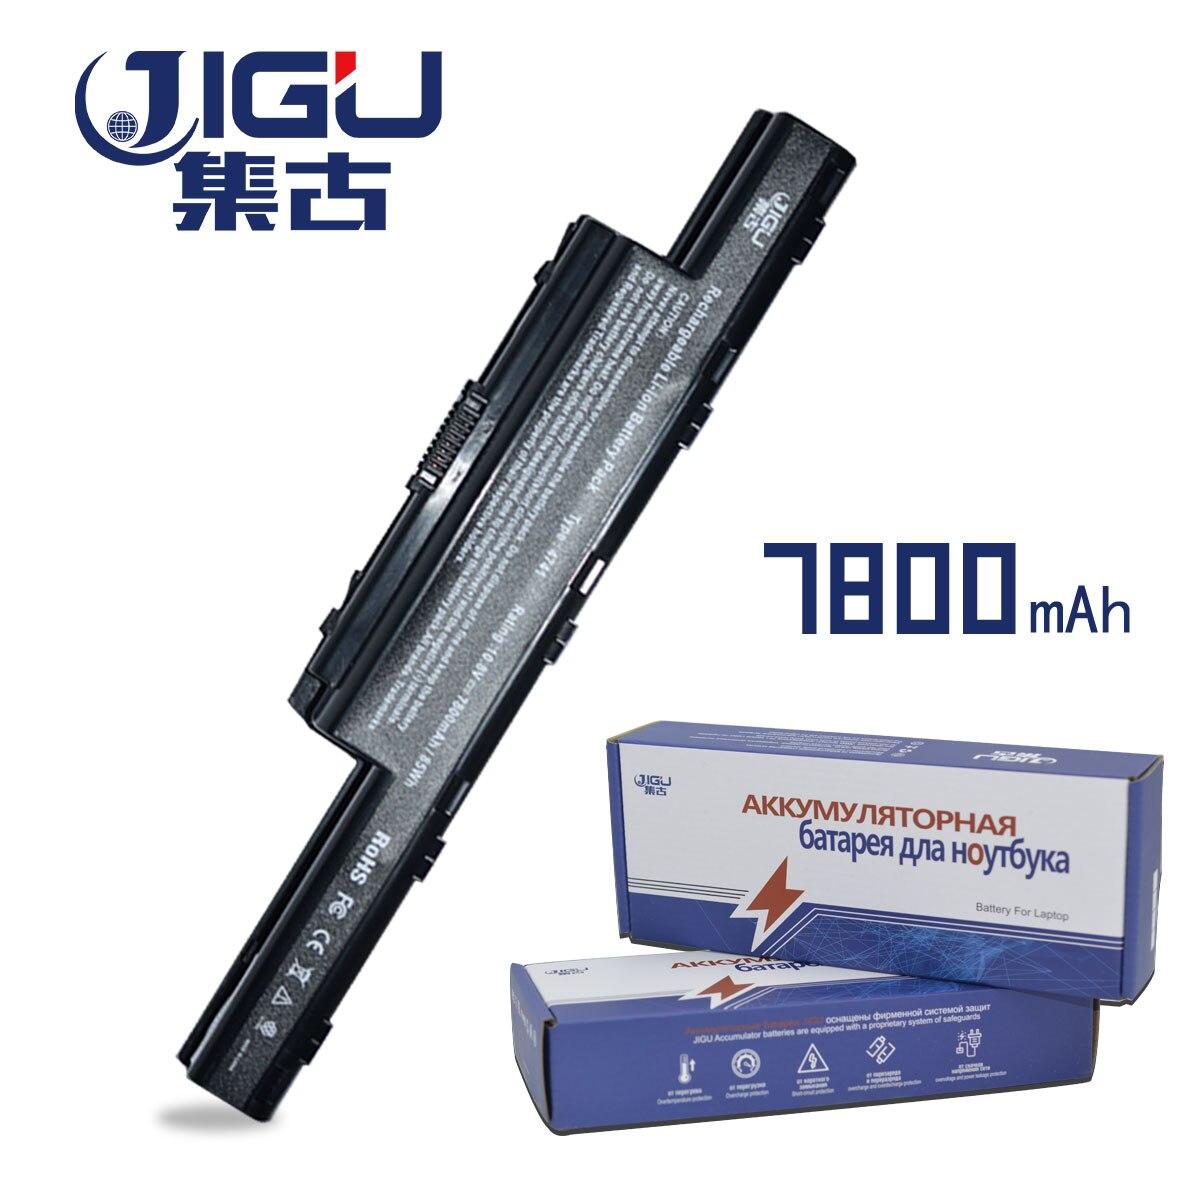 купить JIGU For Acer Aspire 5253 5253G 5333 5336 5349 5350 5551 5551G 5552 5552G 5560 5560G 5733 5733Z 5736 5736G Laptop Battery 5750 онлайн